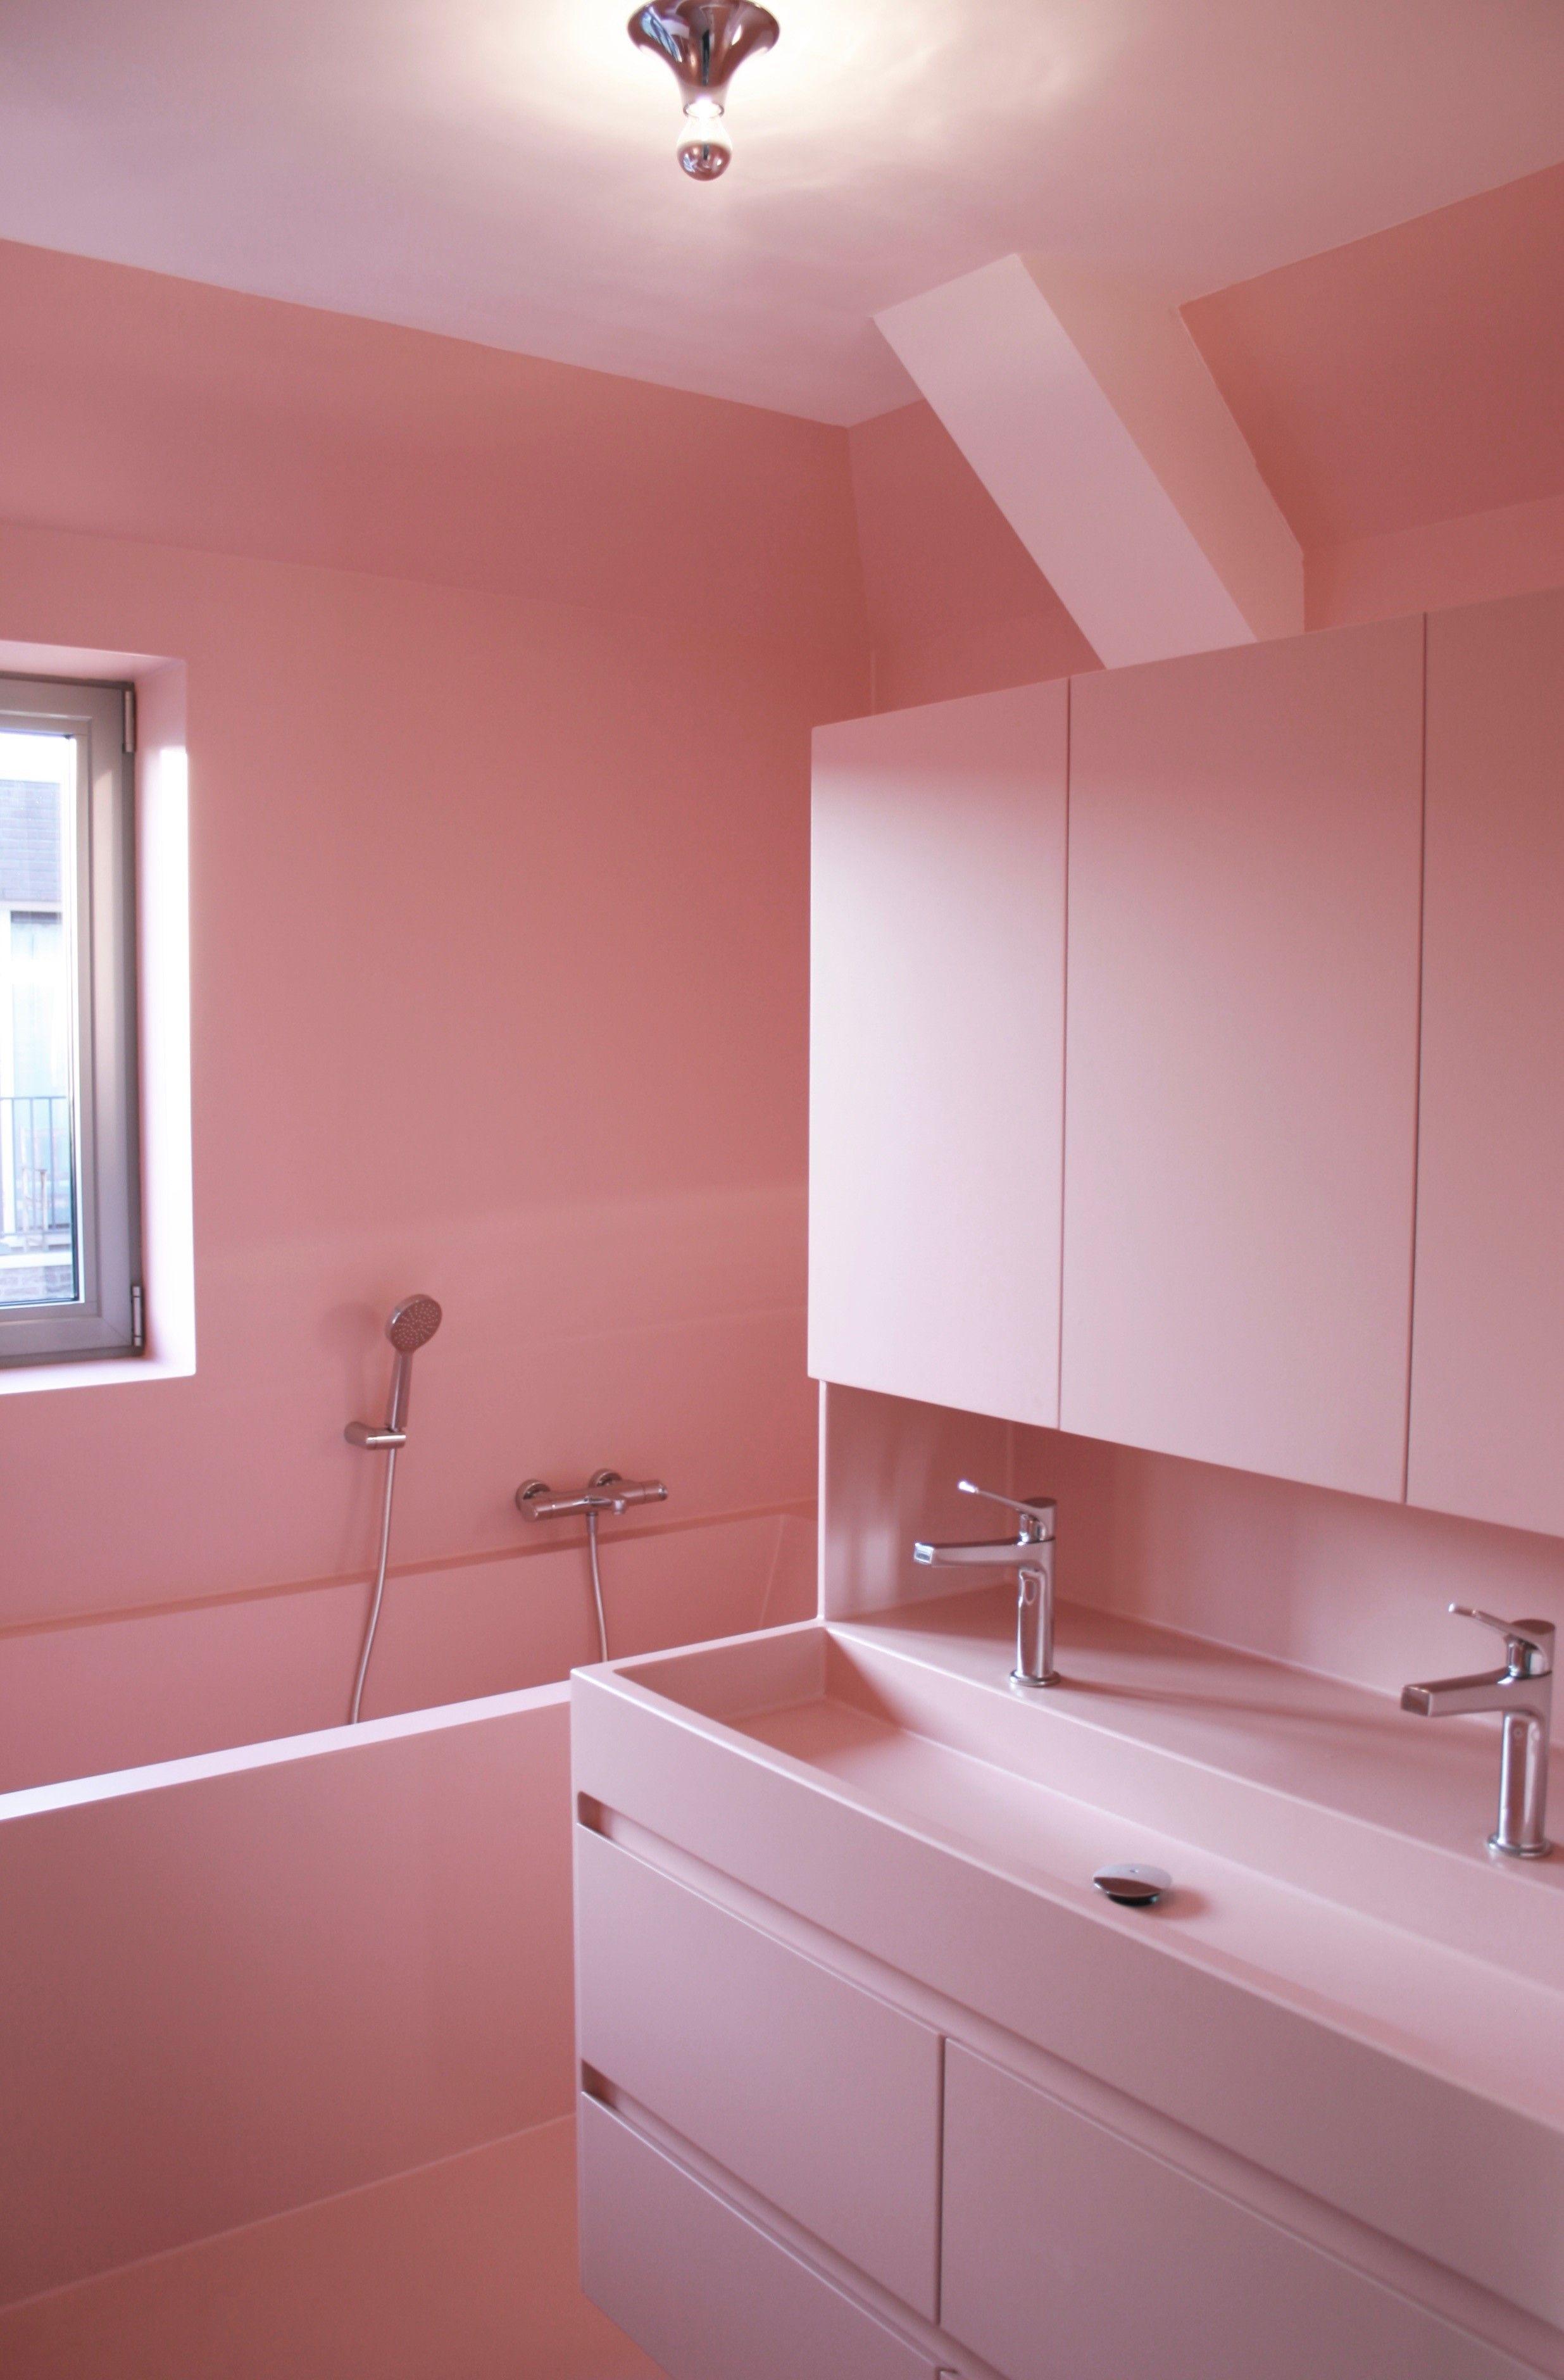 epoxy-badkamer-2.jpg 2.471×3.760 pixels   Bathroom   Pinterest